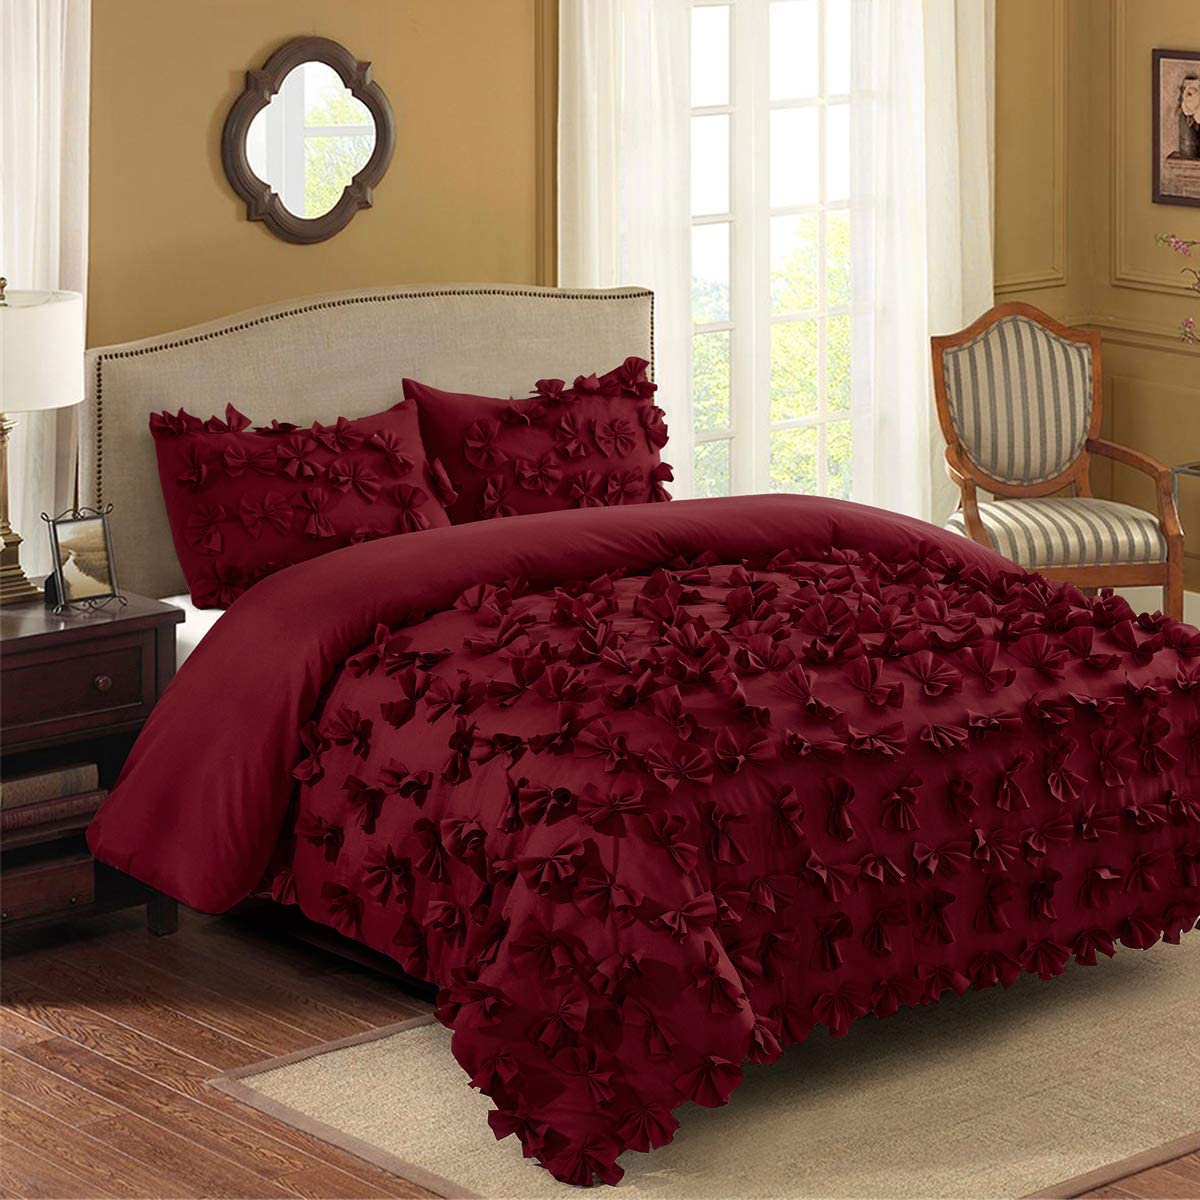 hig 3 piece comforter set king burgundy microfiber one hundred burrterfly flower applique enfield bedding collection king size soft